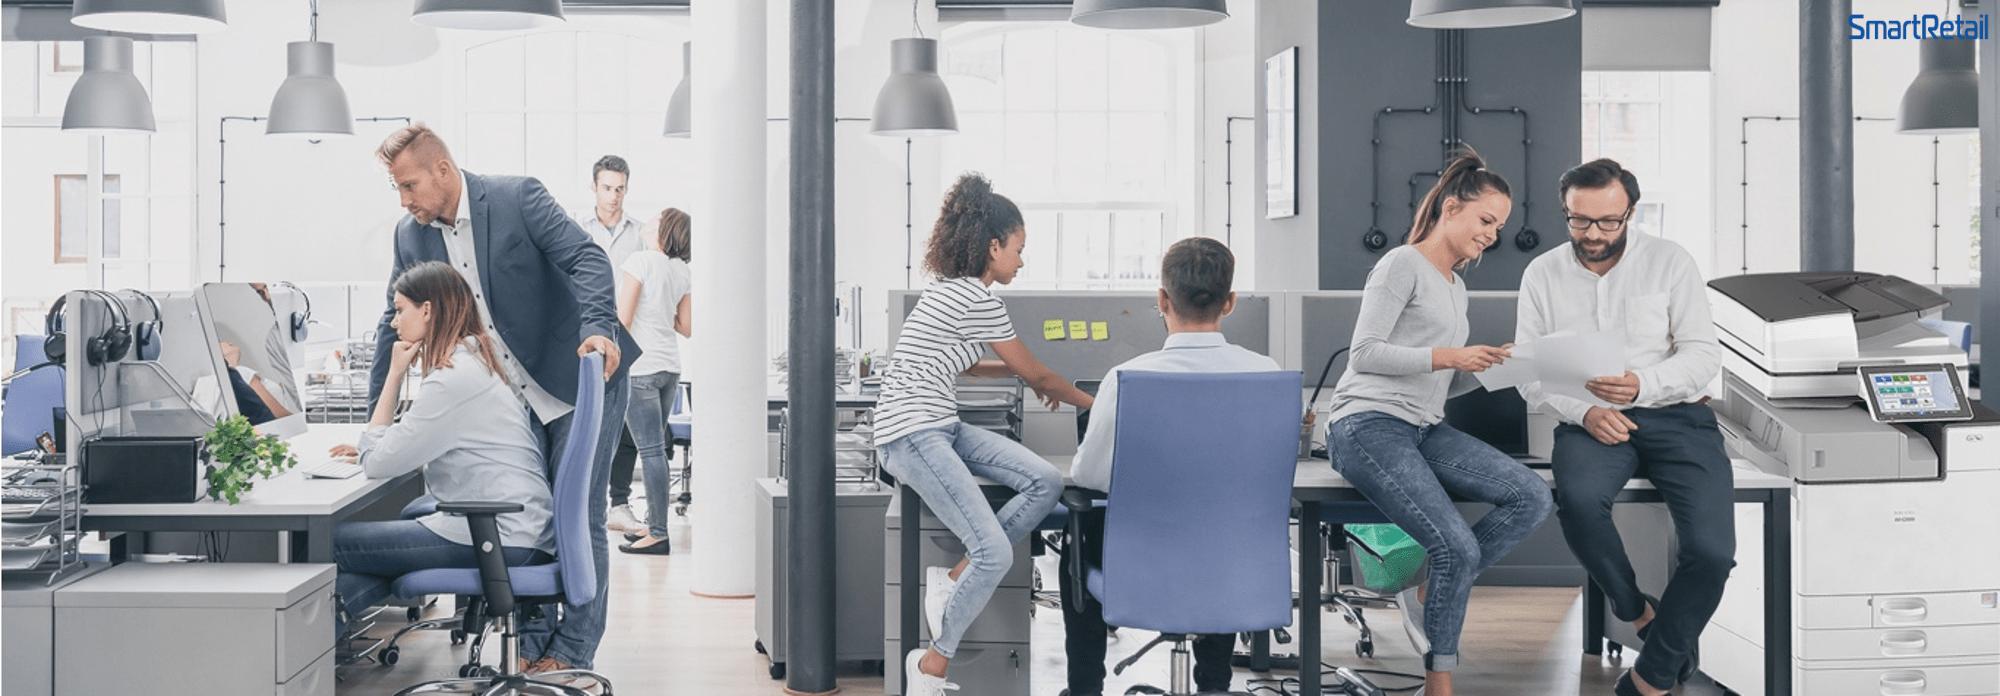 Trải nghiệm khách hàng - Thiết kế trải nghiệm khách hàng - SmartRetail